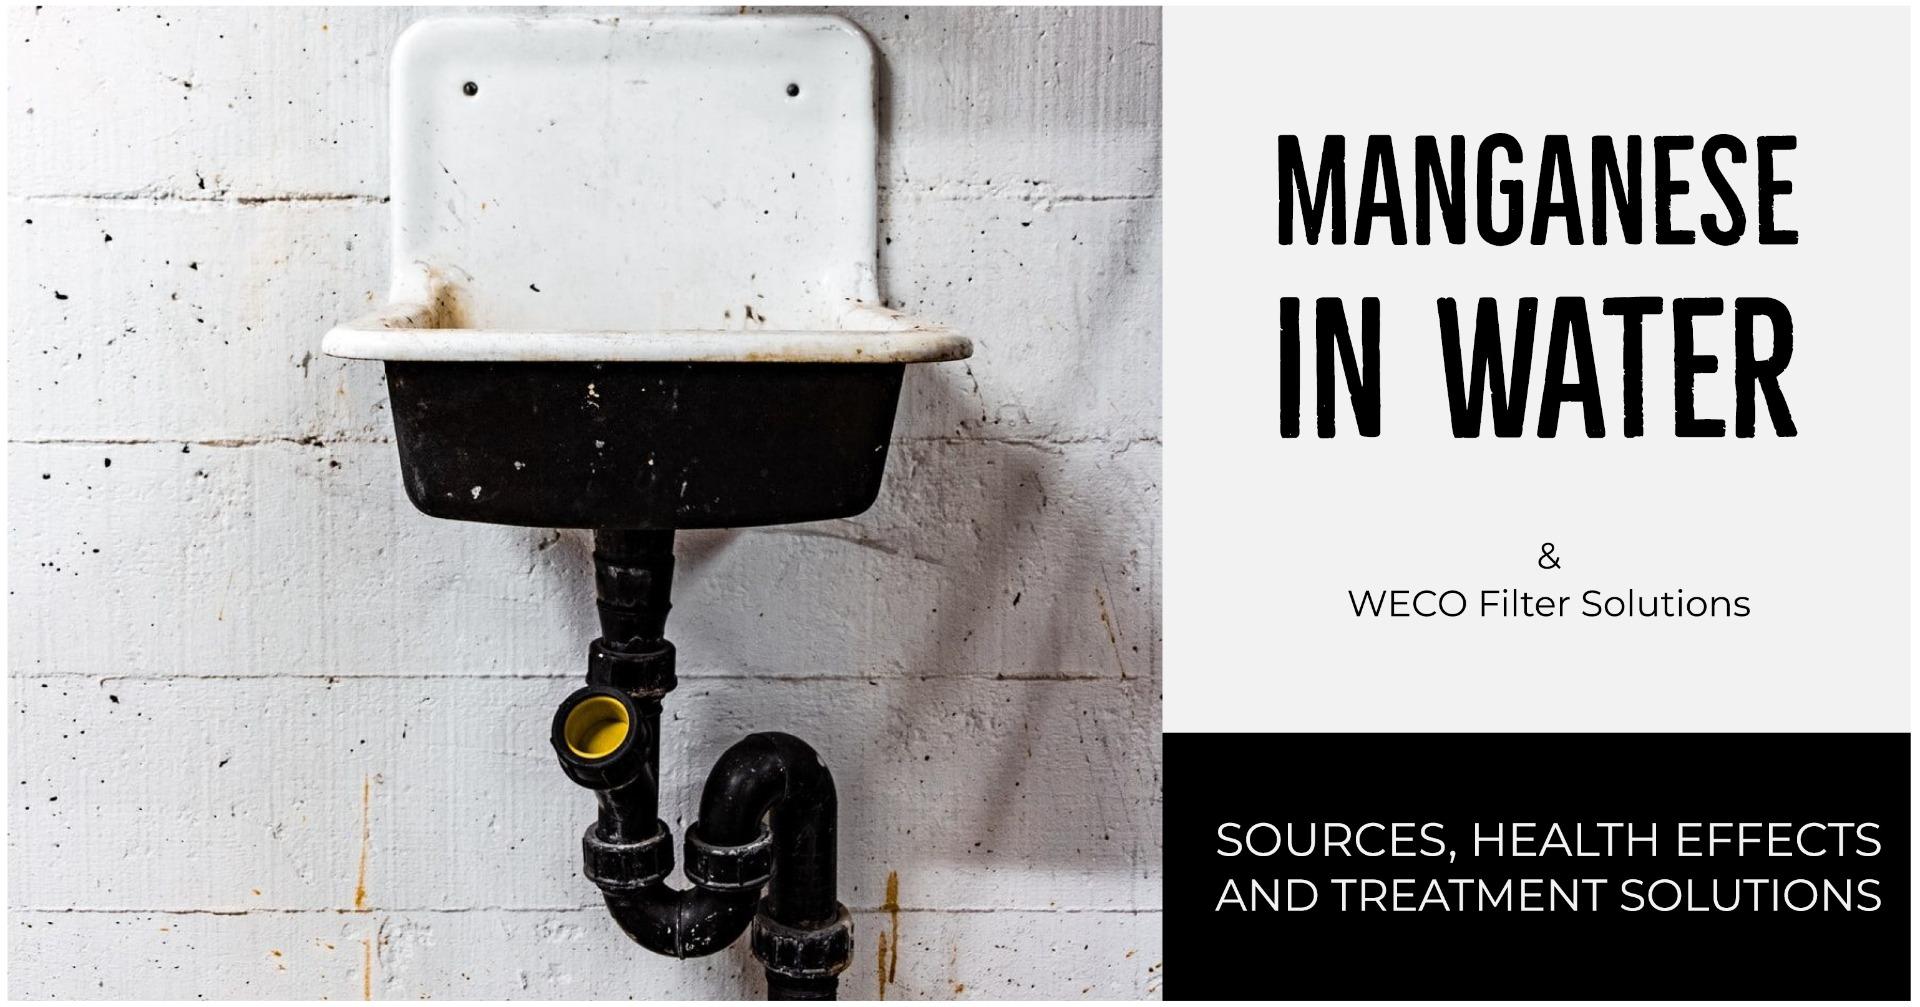 Manganese in Water